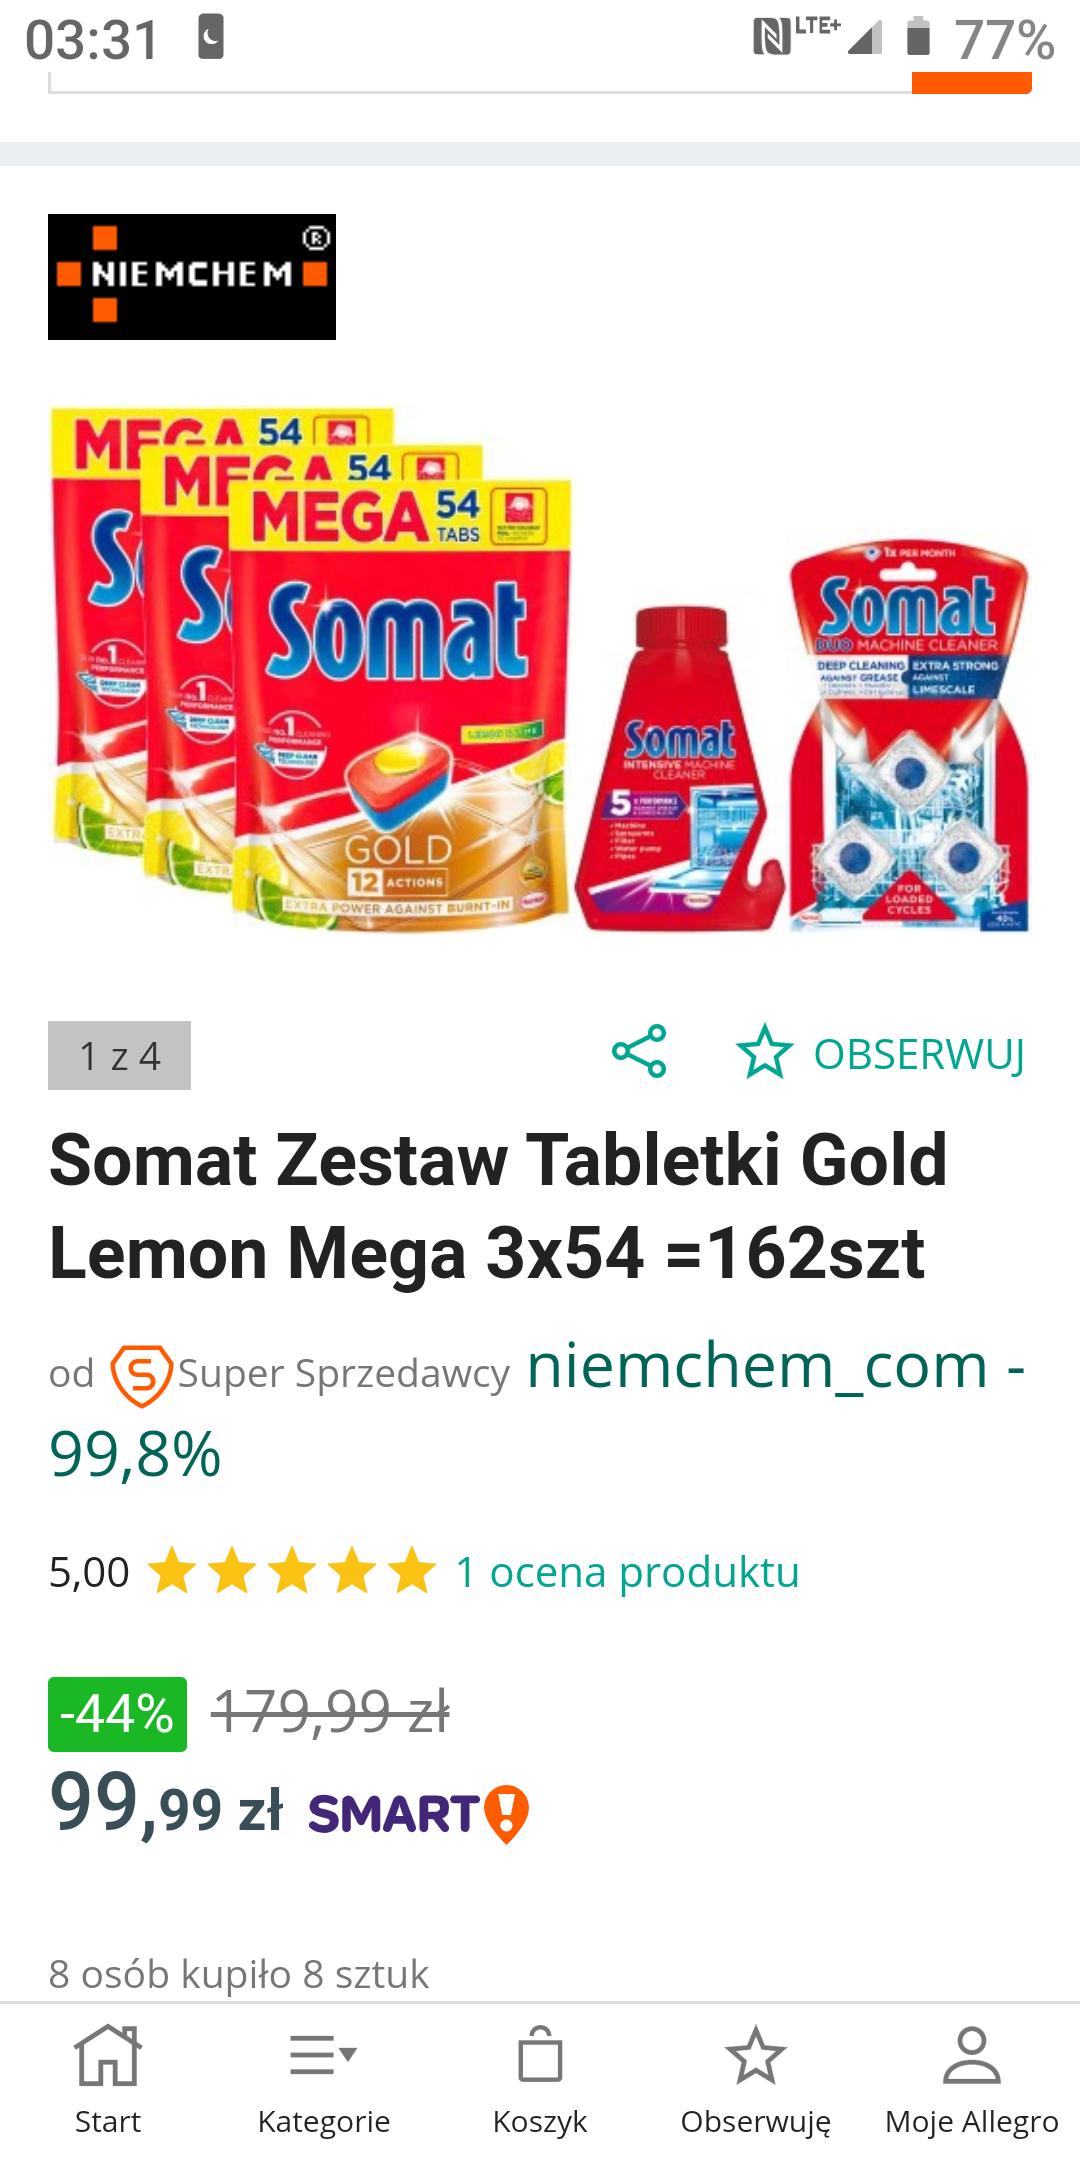 Somat Zestaw Tabletki Gold Lemon Mega 3x54 =162szt